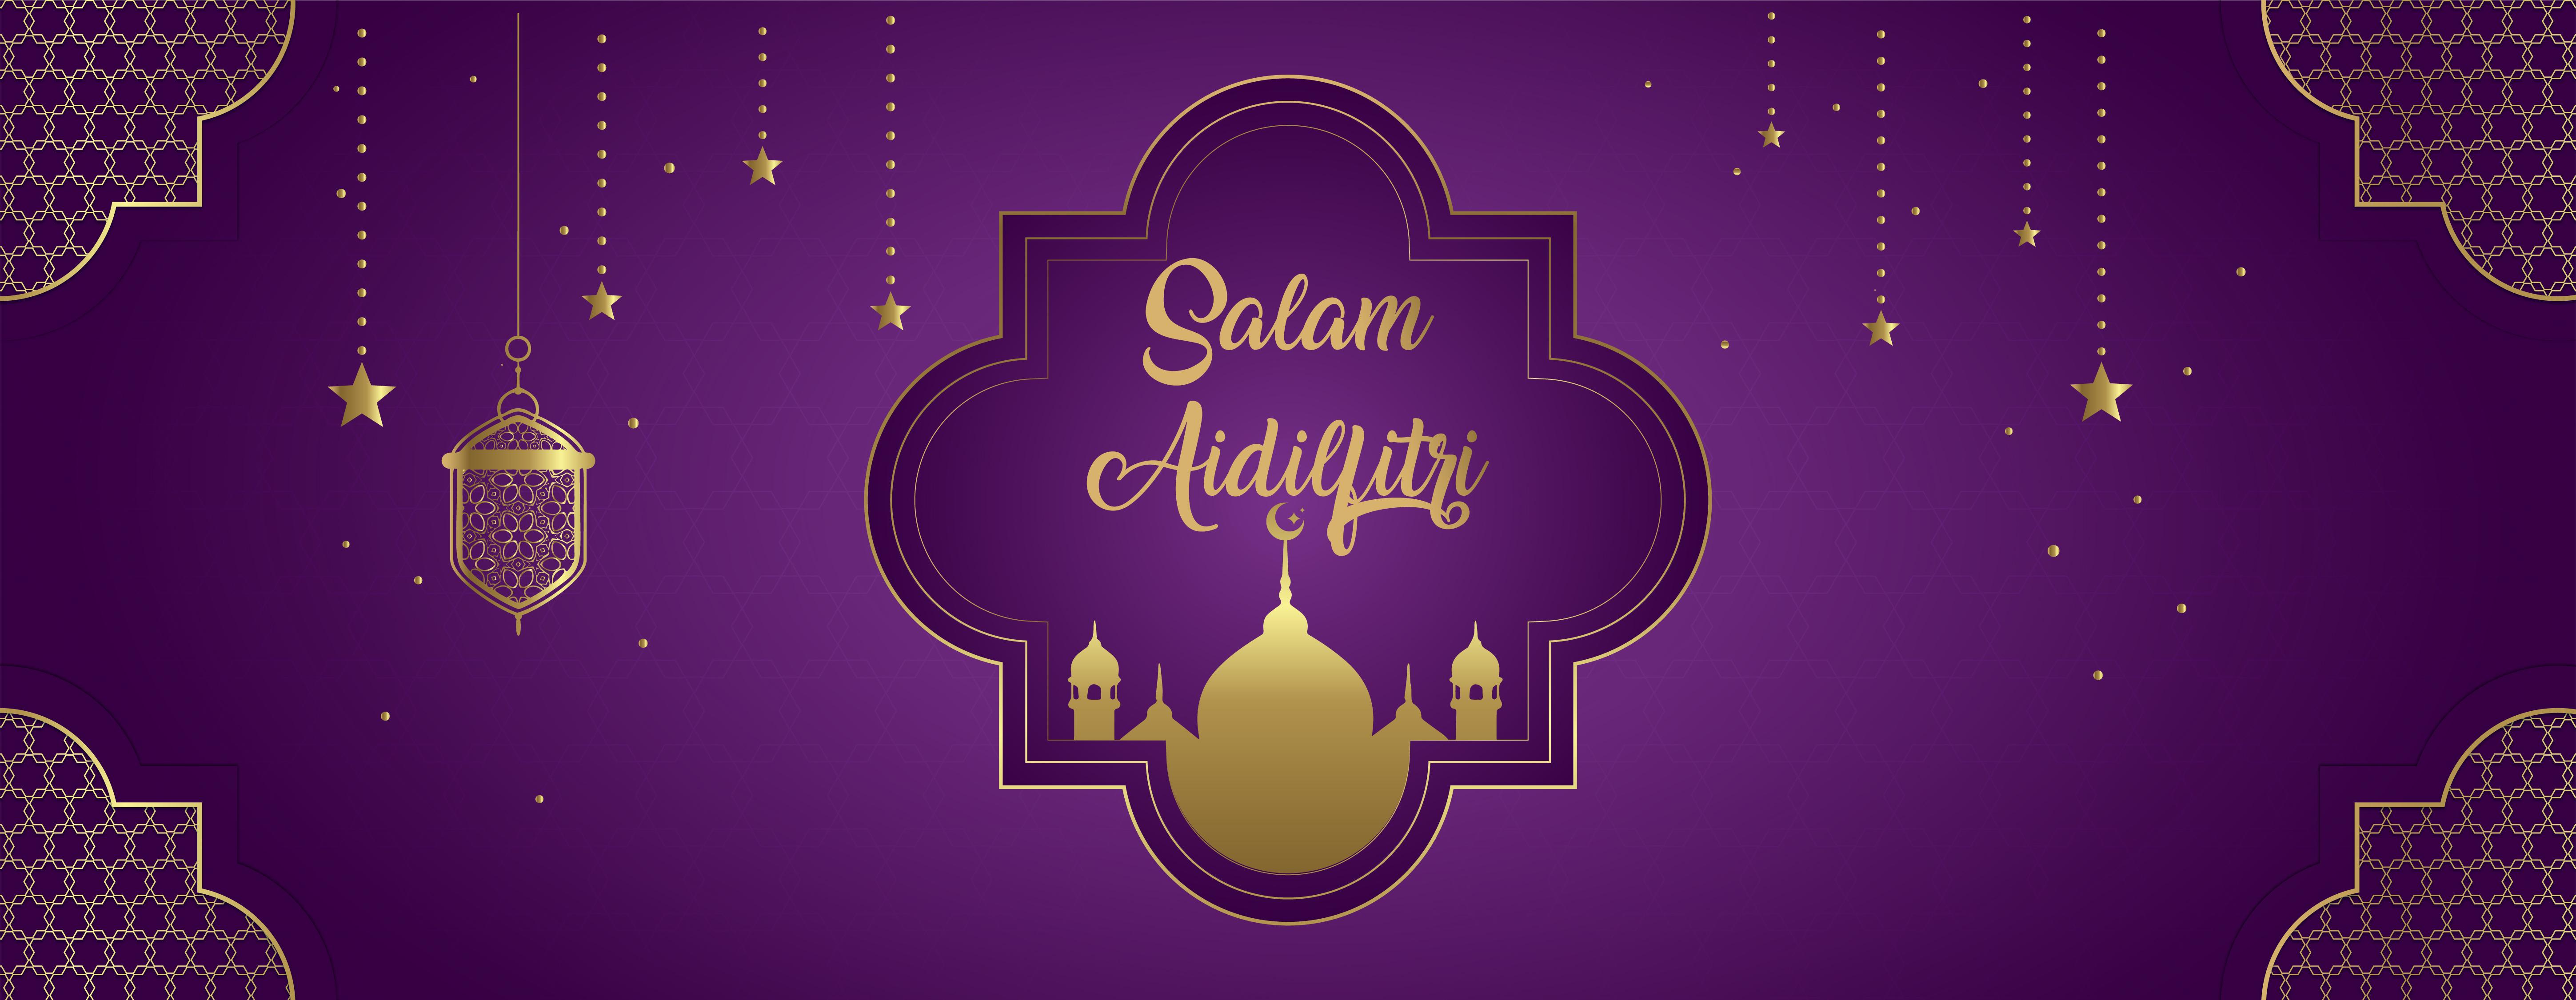 Salam Aidilfitri